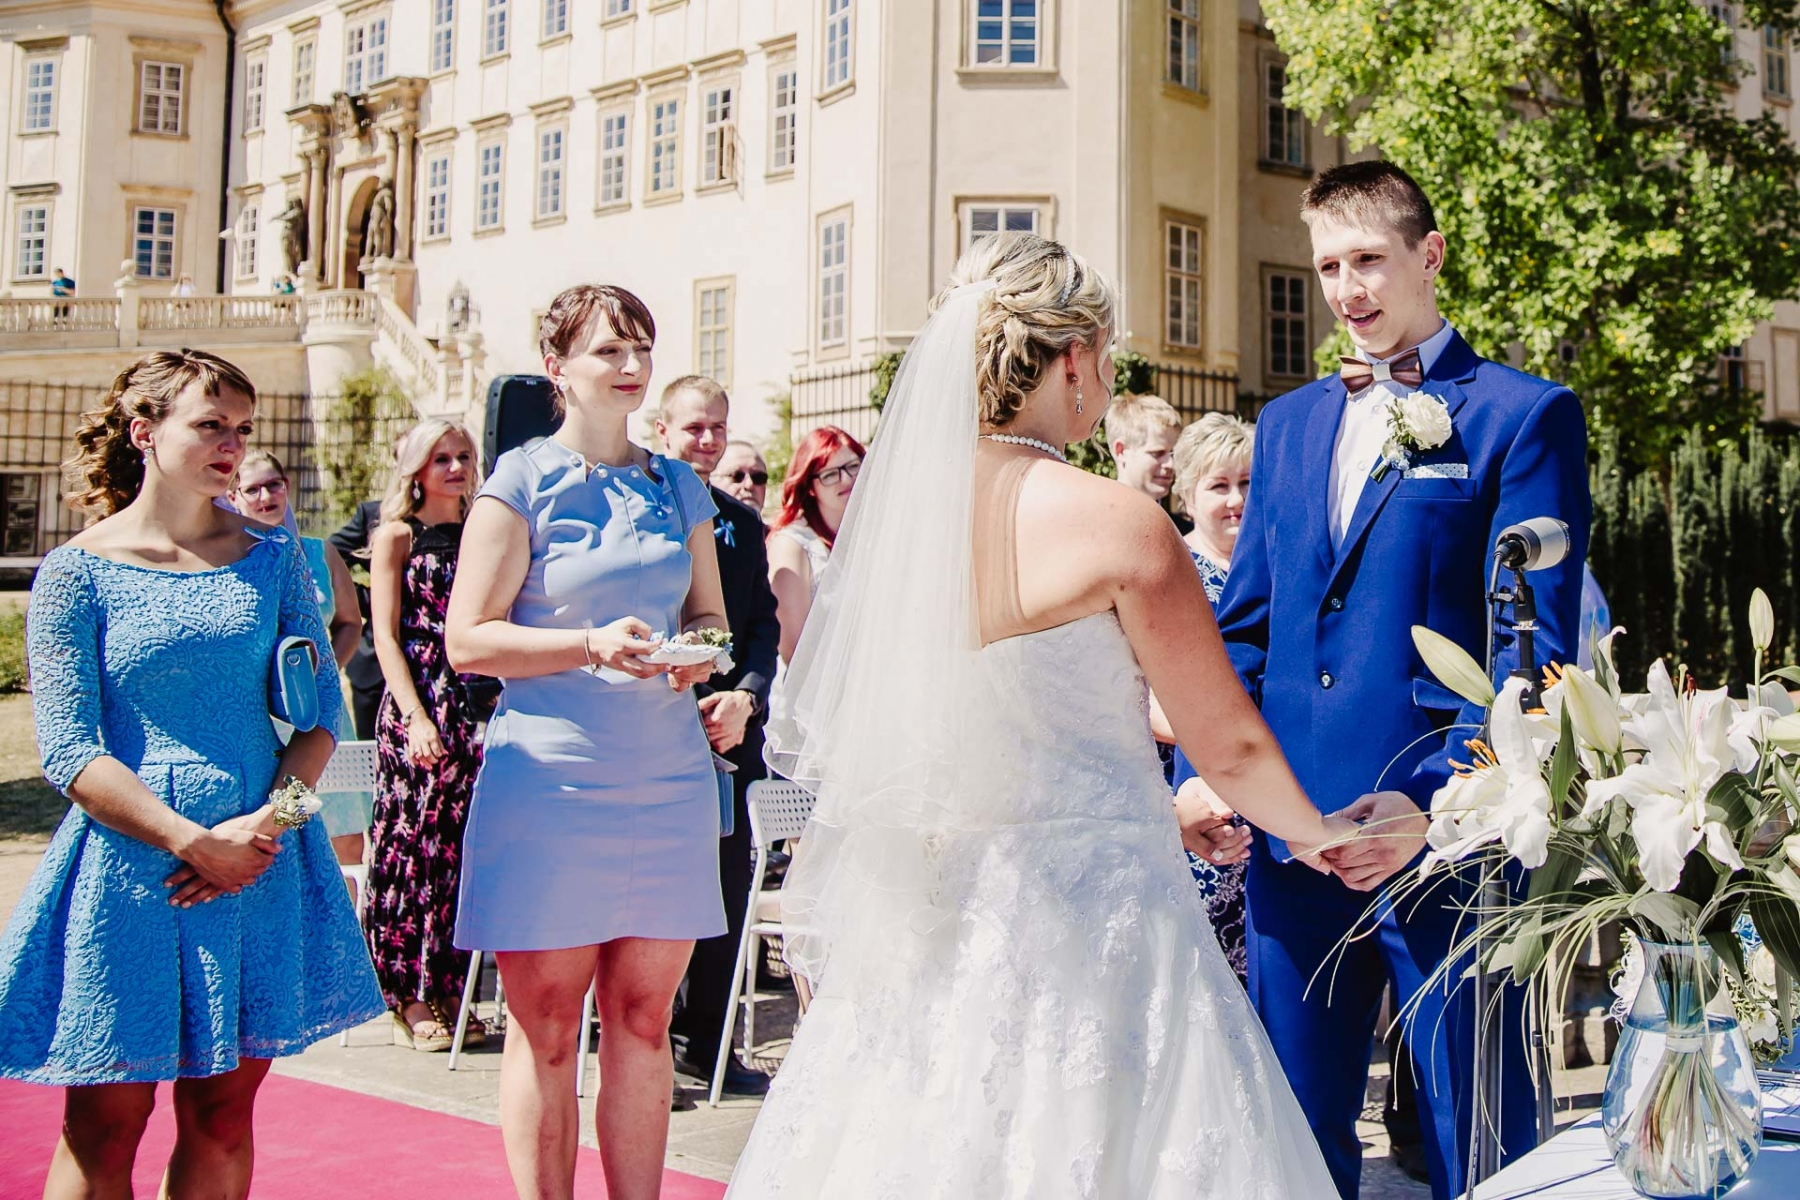 svatební fotograf zámek Mníšek pod Brdy, svatba na zámku, letní nejkrásnější zámecká svatba, Bára a Ondra-46